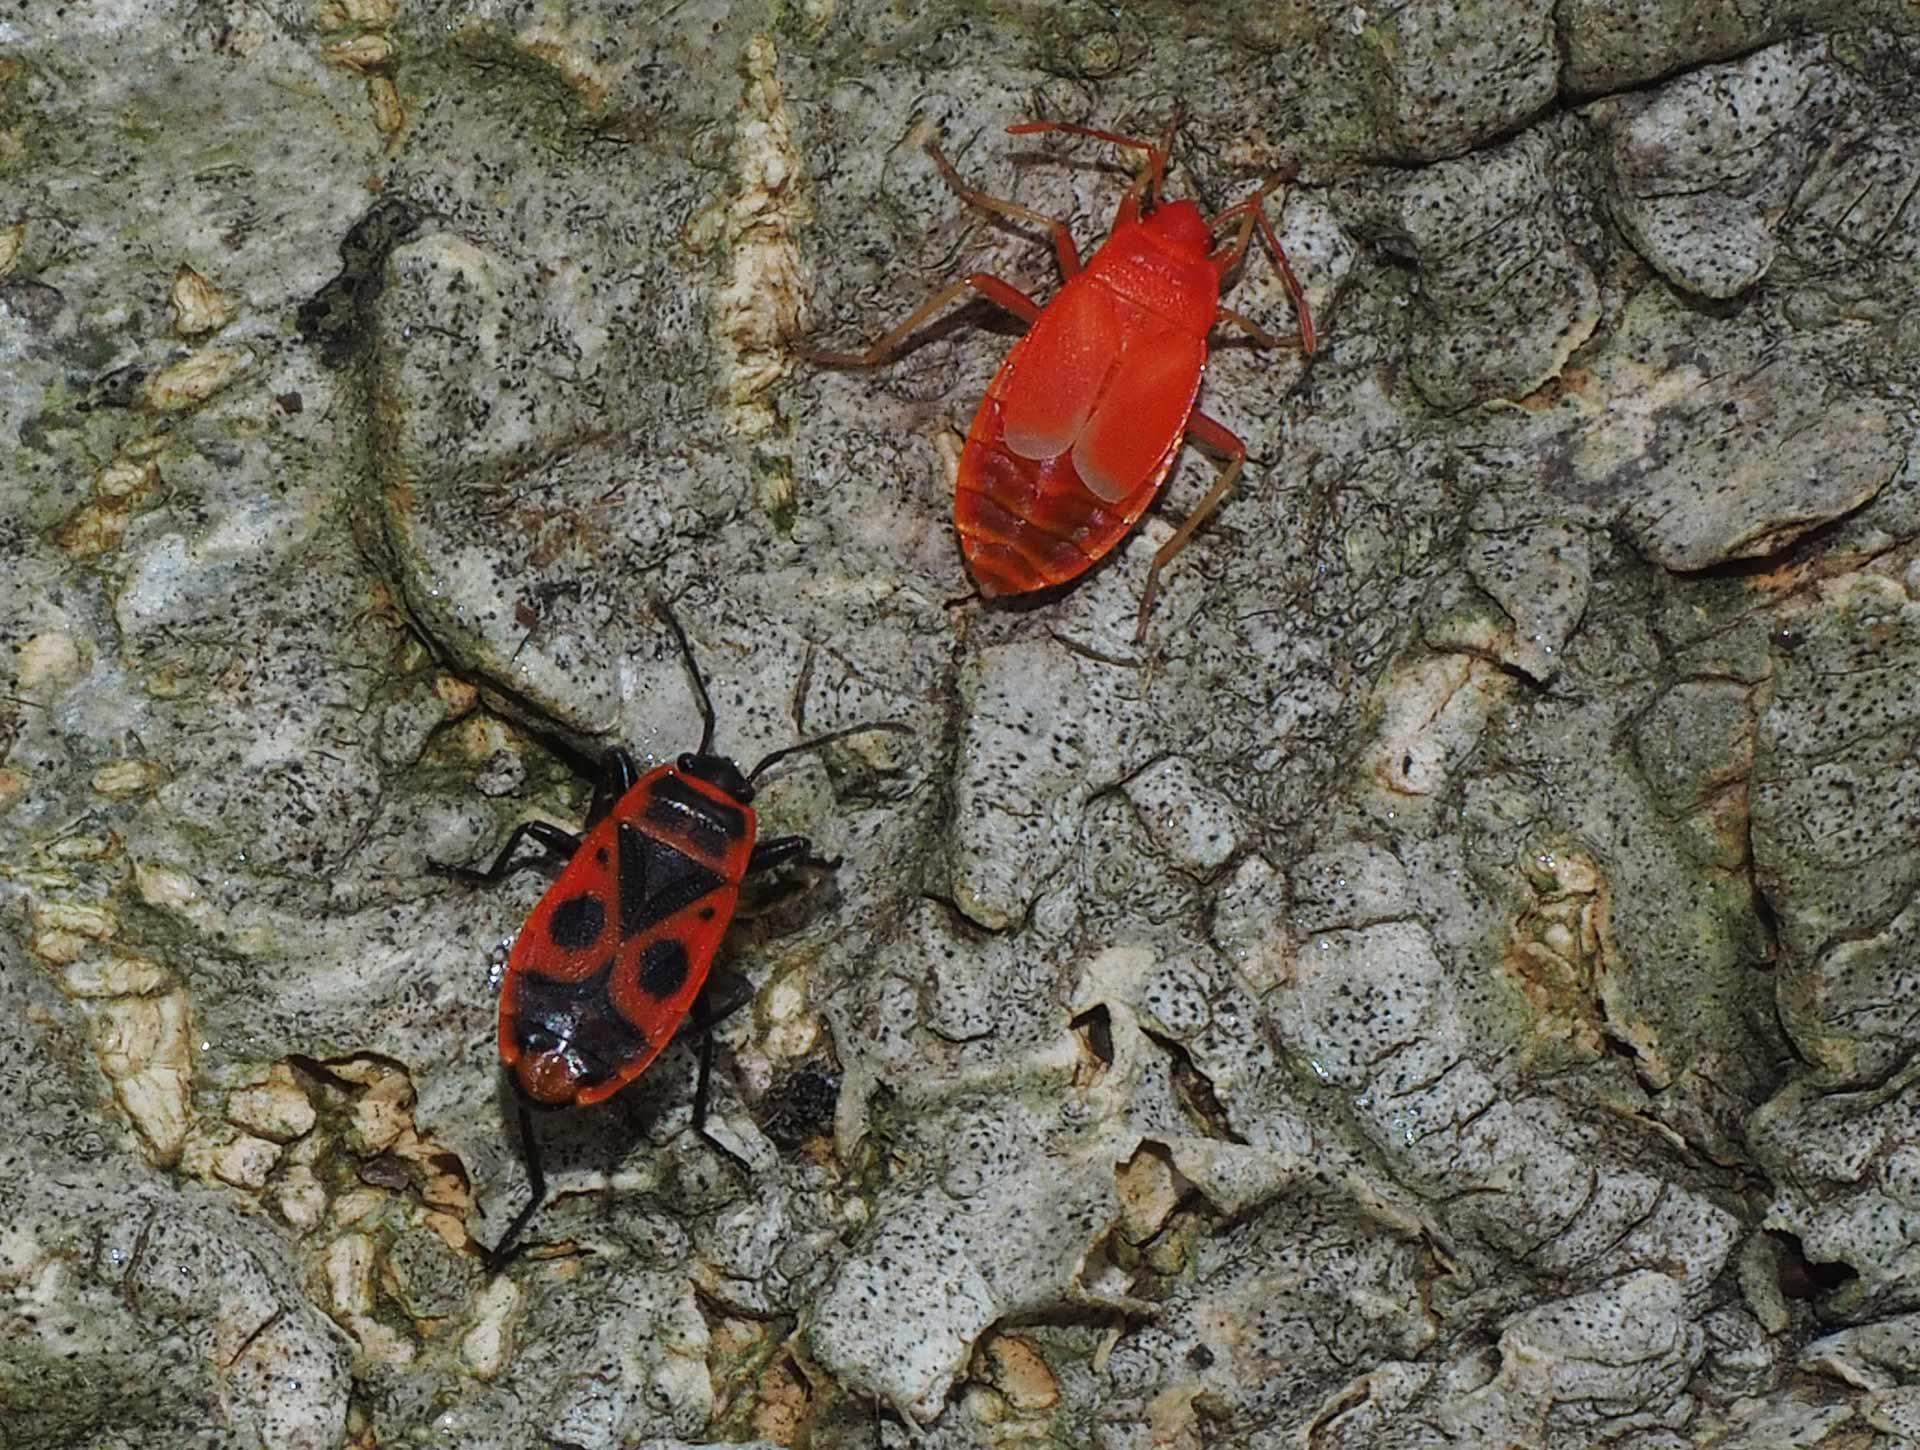 La cimice rosso nera una presenza frequente nei nostri for Cimice insetto